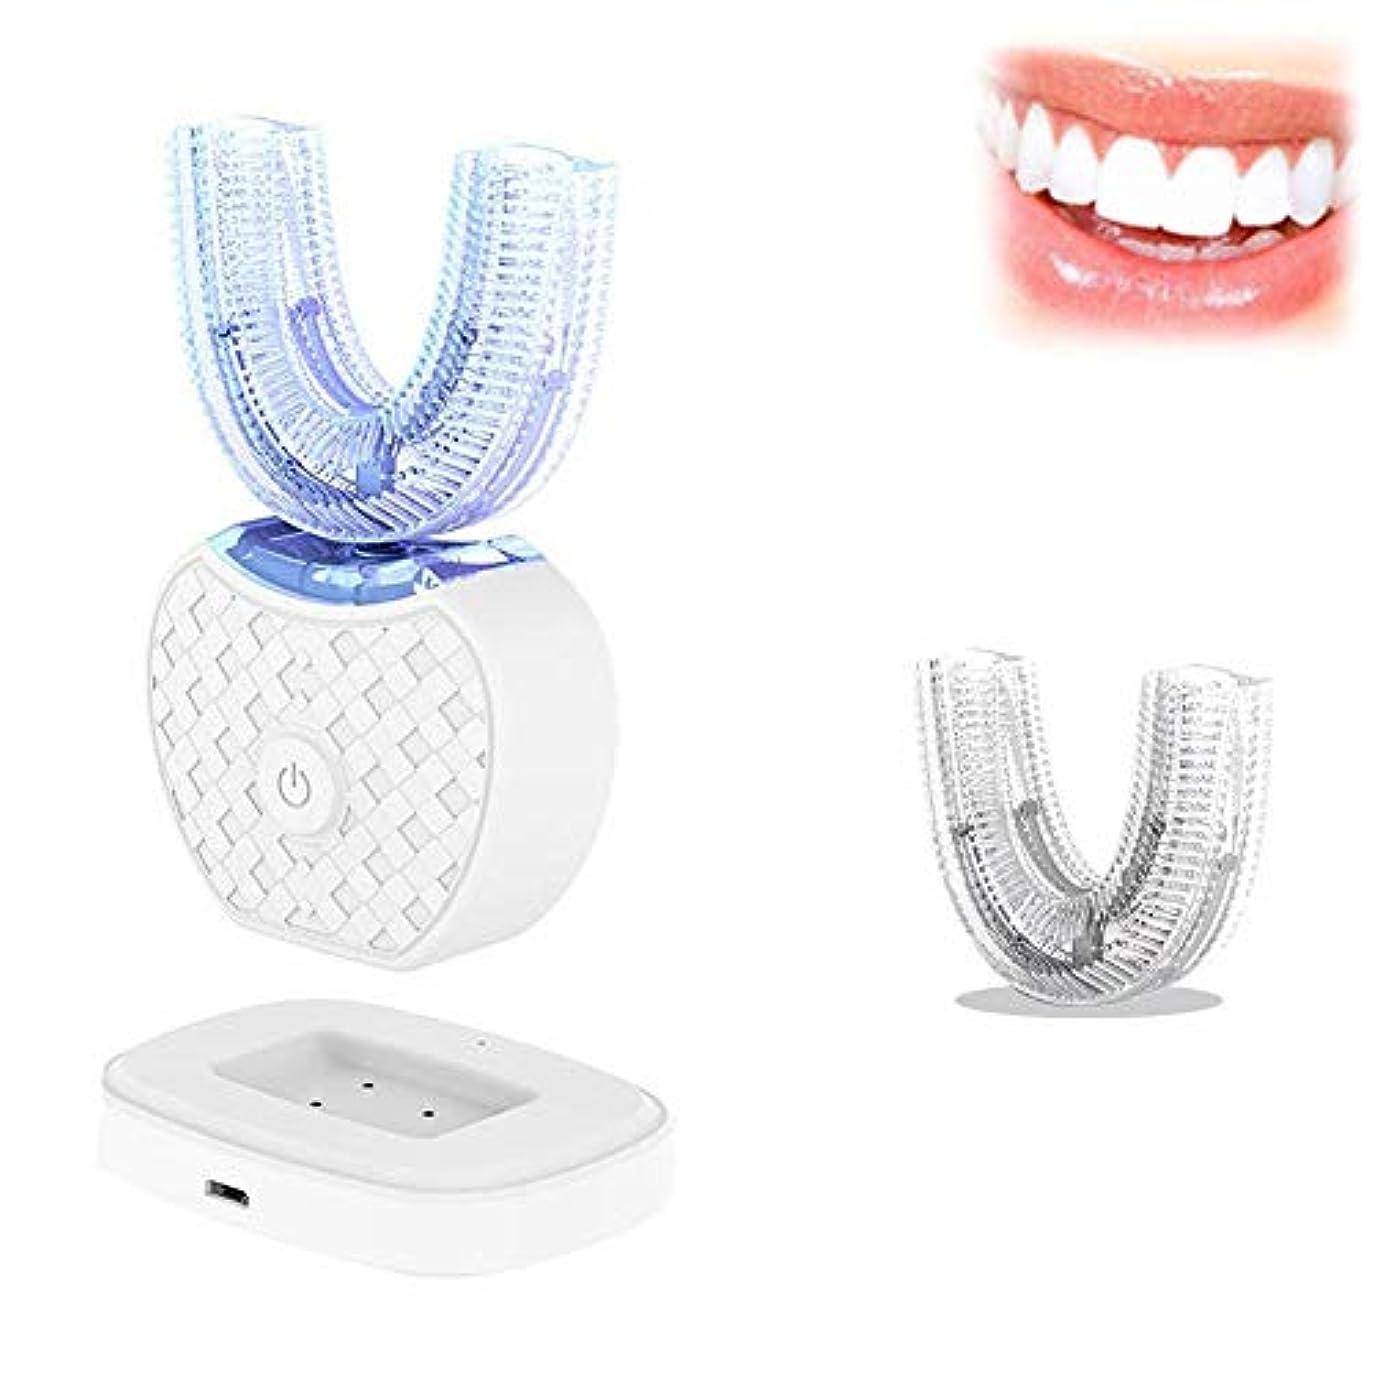 有効南西勇敢な電動歯ブラシフルオートマチック360°超音波ホワイトニングU型マウスクリーナー充電式ワイヤレスポータブルLEDランプFDA / IPX7 (Color : White)